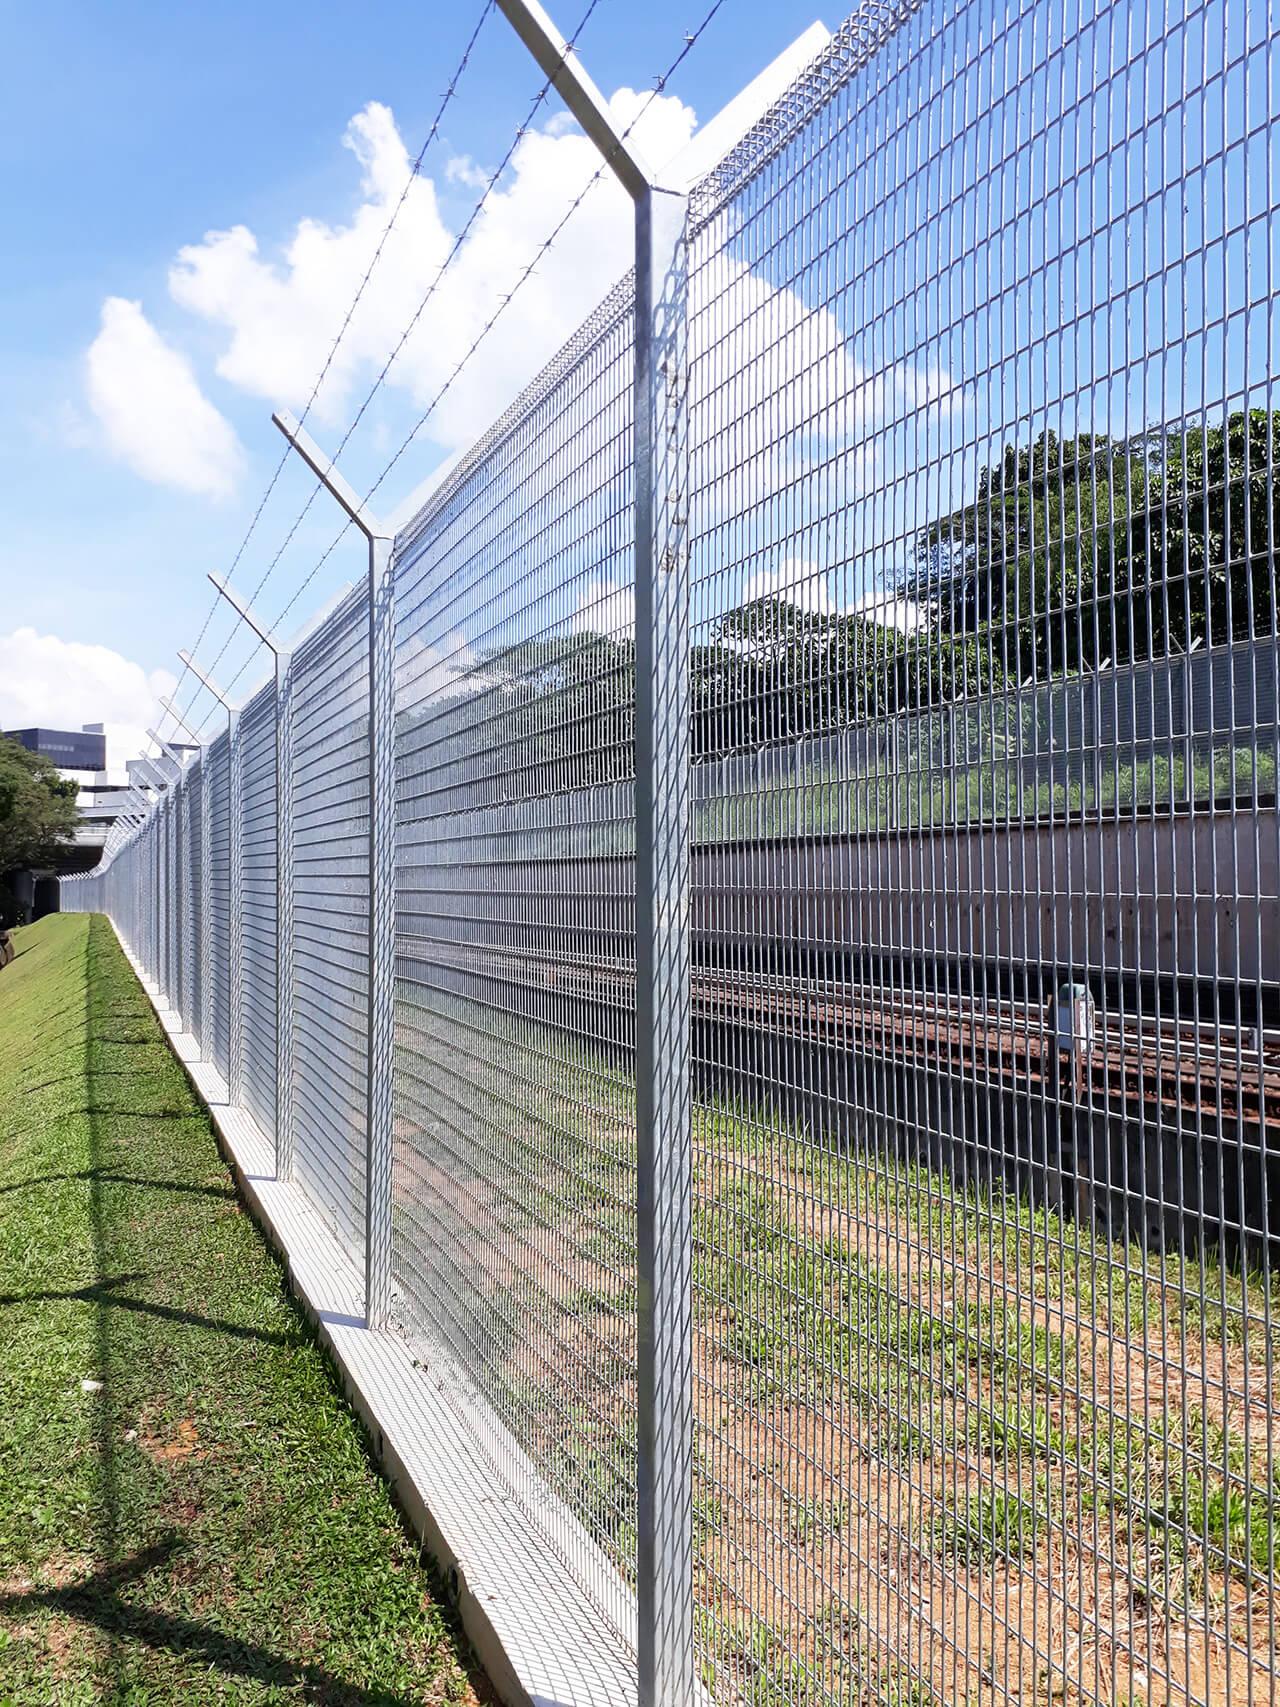 C1382 Security Fencing Works - Swee Builders Pte Ltd